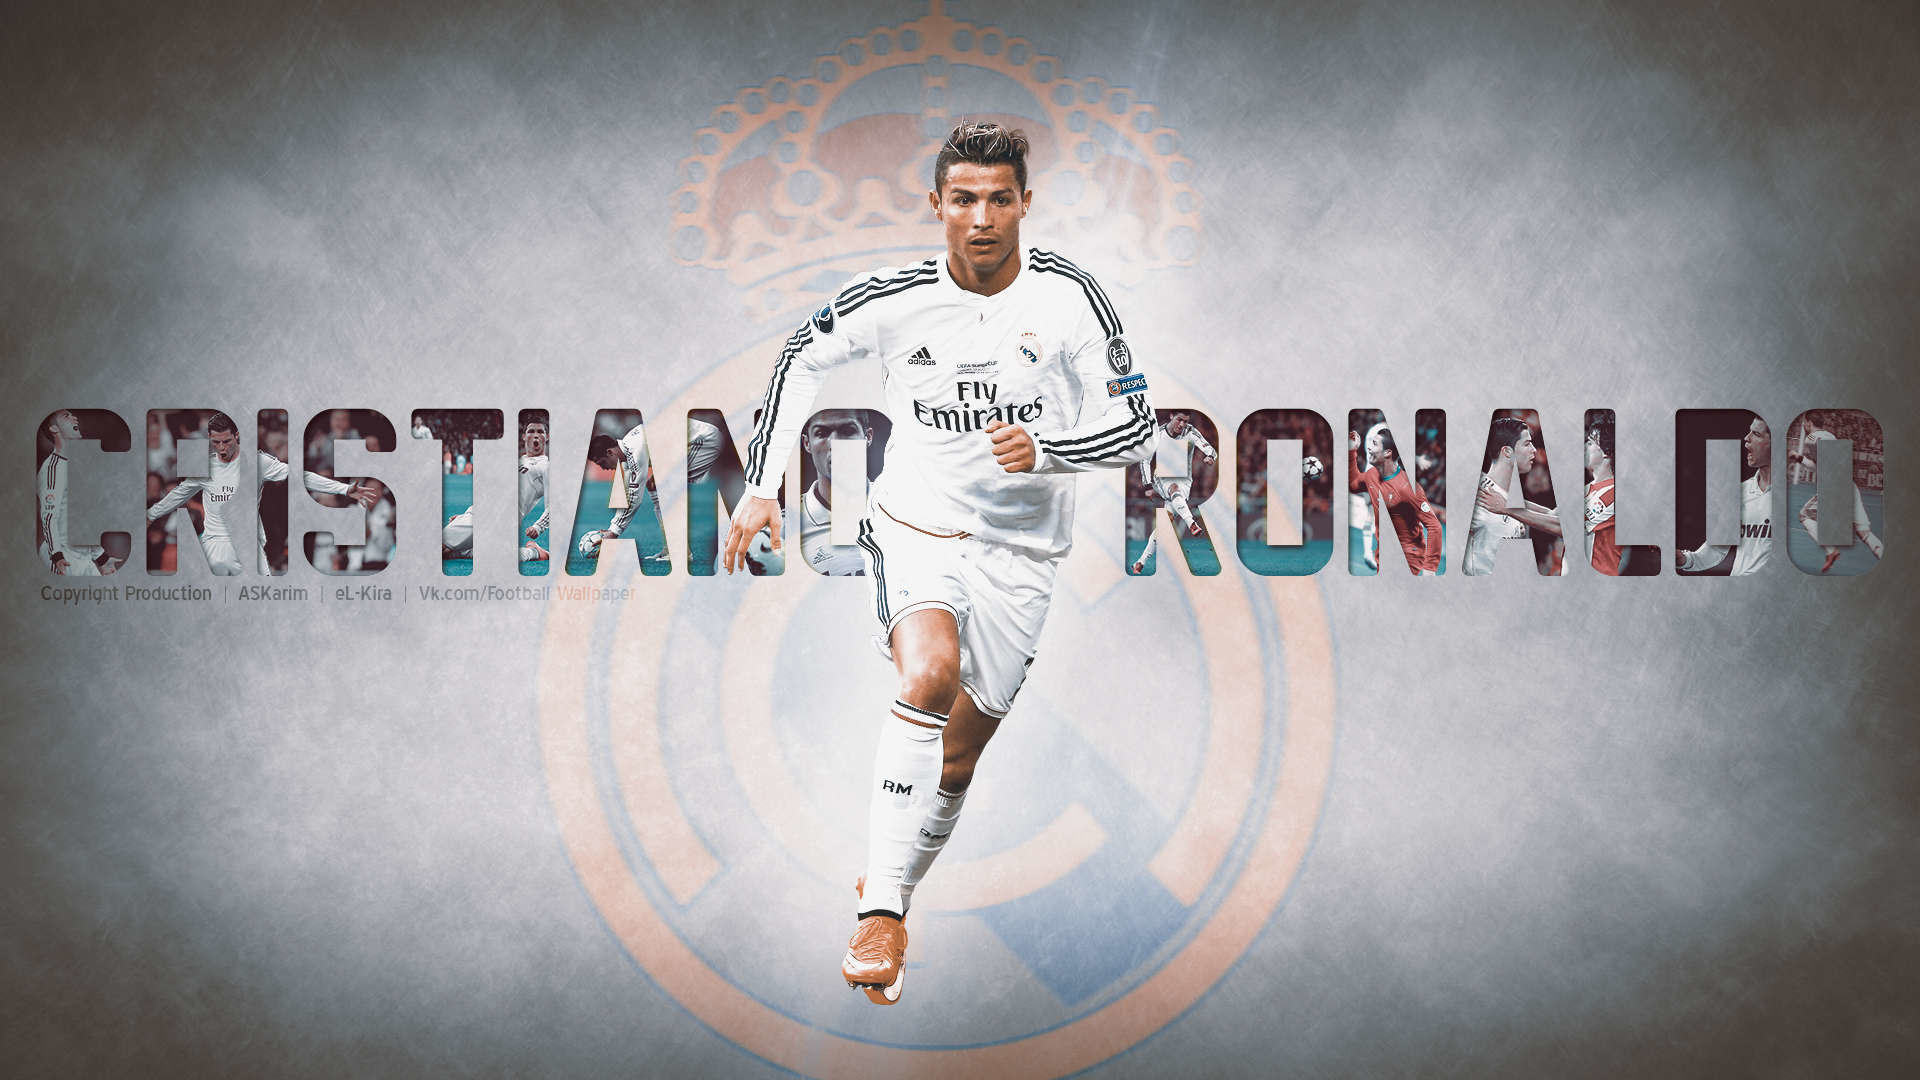 Download 9000+ Wallpaper Bergerak Cristiano Ronaldo HD Gratis